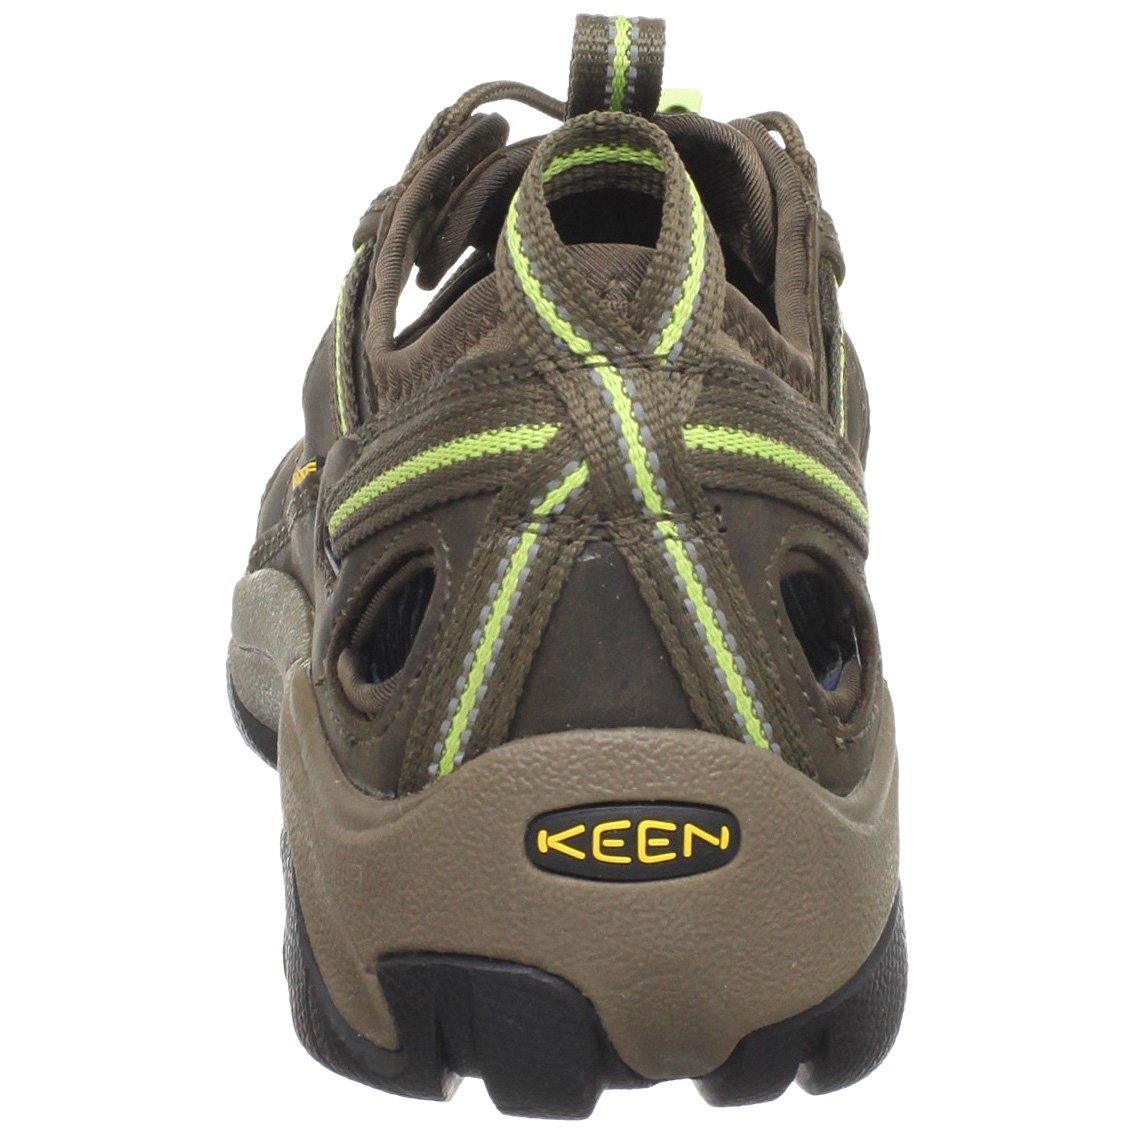 KEEN Women's Arroyo II Hiking Shoe B003Z4JTX2 6 B(M) US|Chocolate Chip/Sap Green